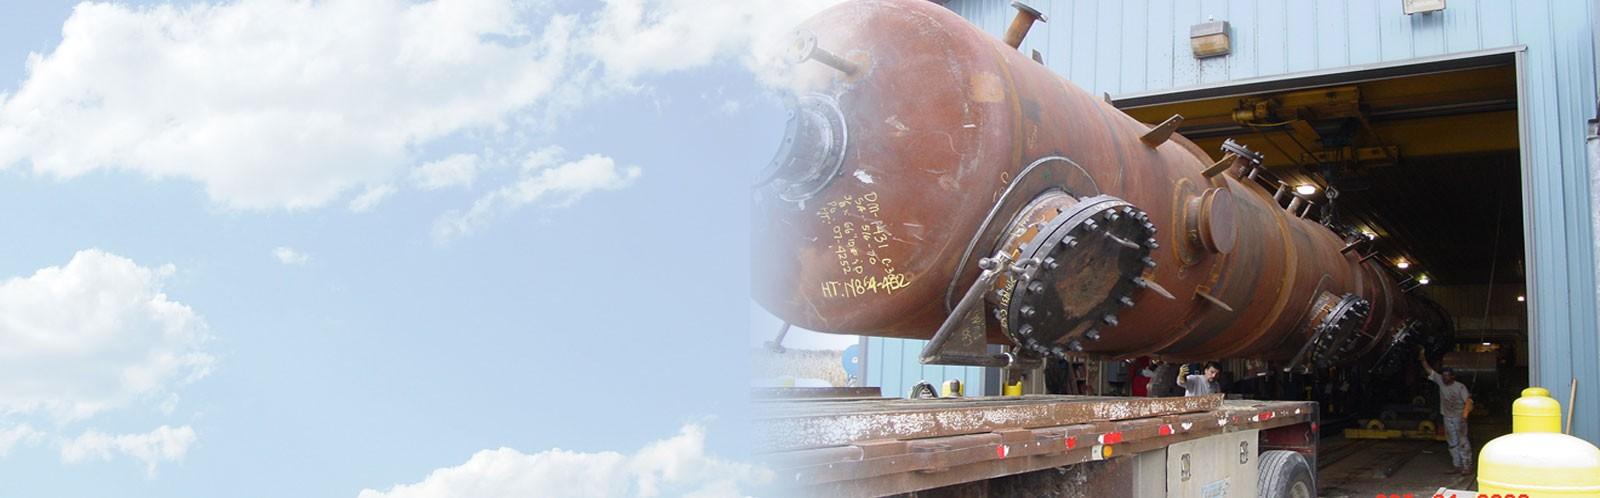 cropped-pressure-vessels.jpg